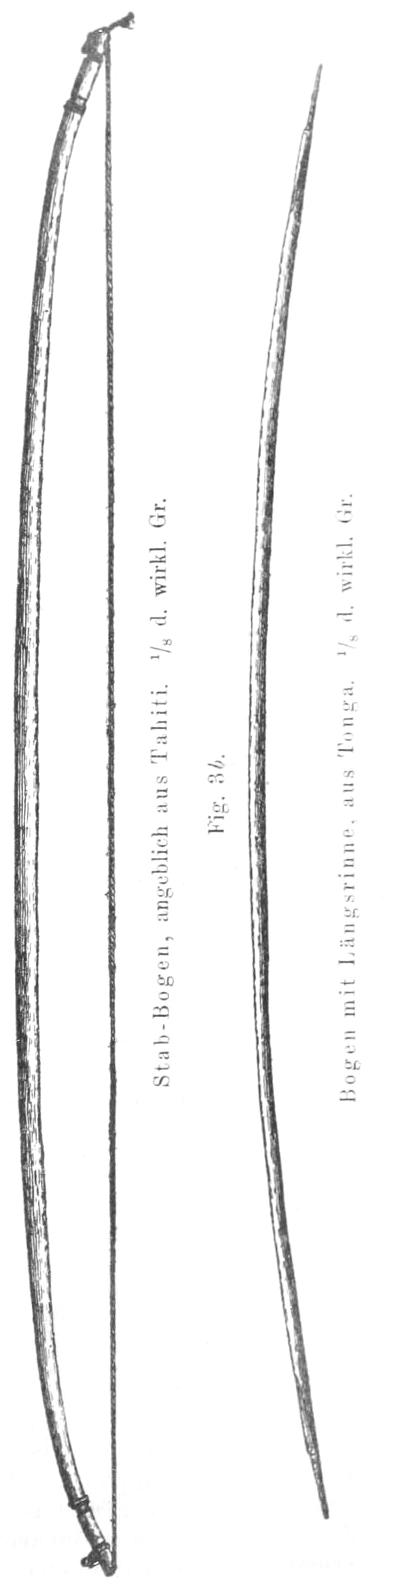 Links ein Stabbogen, rechts ein Bogen mit Längsrinne.